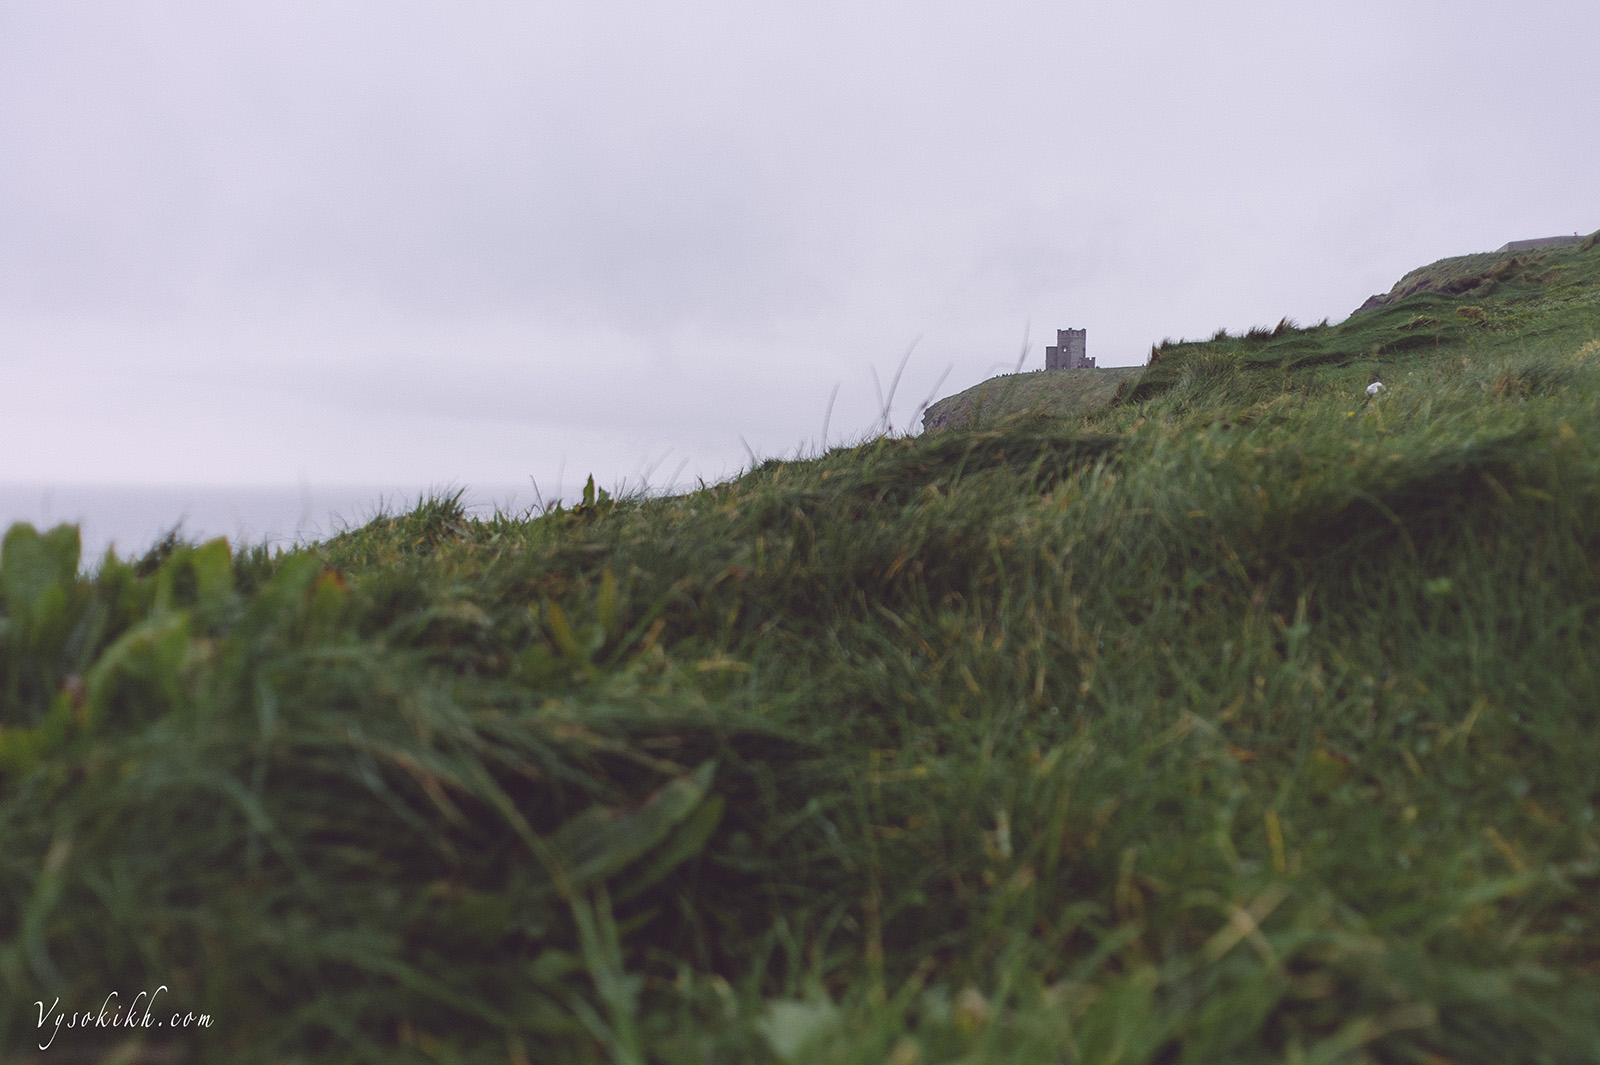 Cliffs of Moher - утесы Мохер на берегу Атлантического океана.